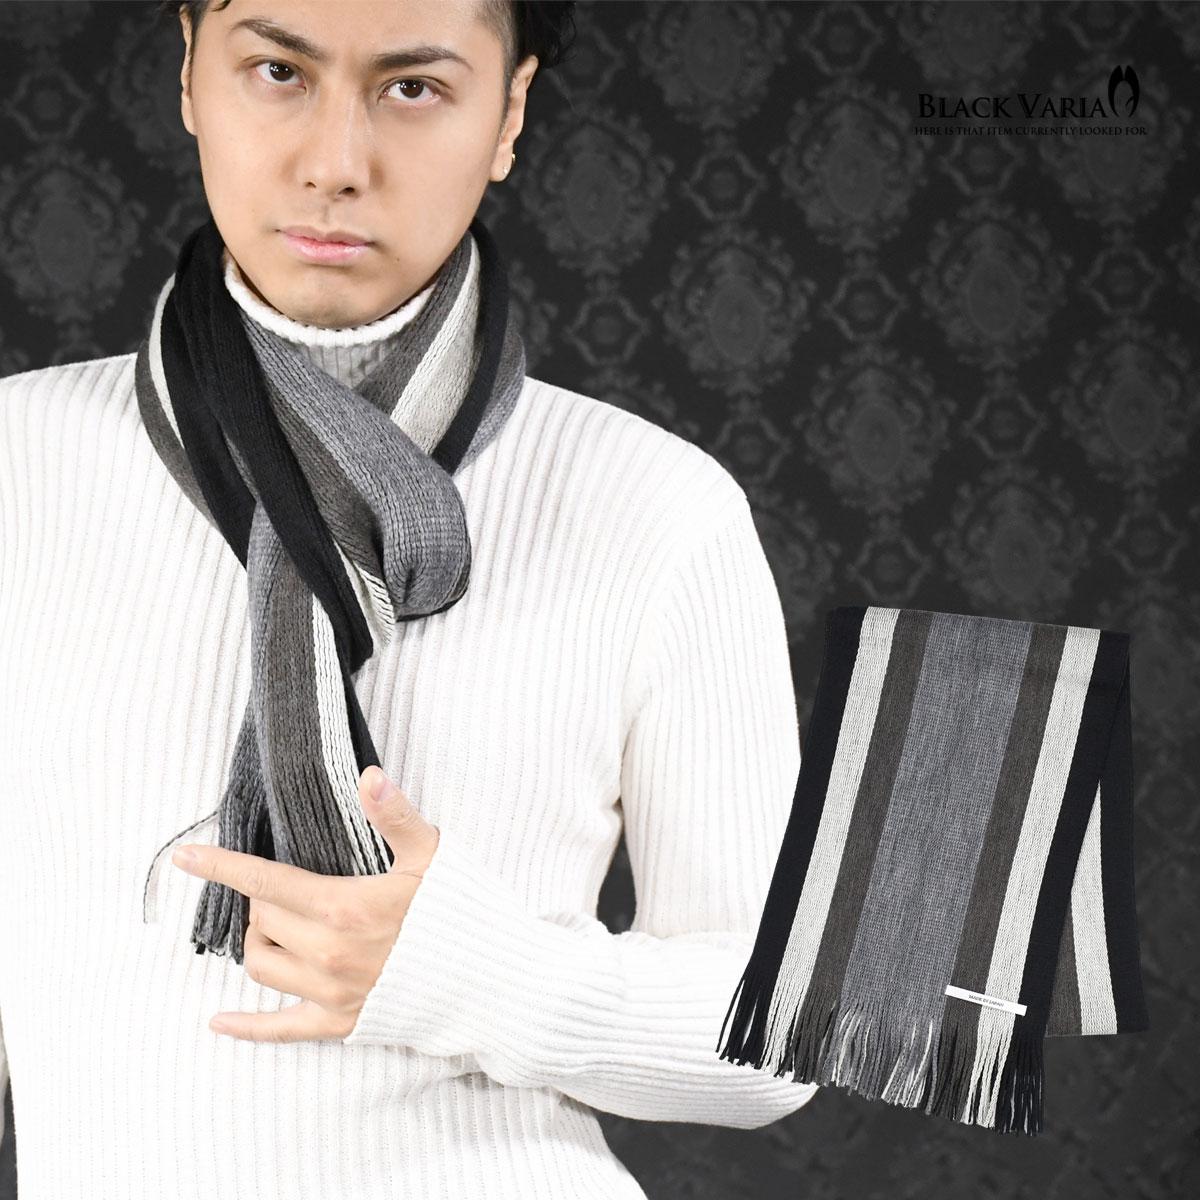 マフラー ストライプ メンズ ビジネス アクリル ニット リバーシブル 日本製 ストライプマフラー mens(ストライプ柄グレー灰ブラック黒)